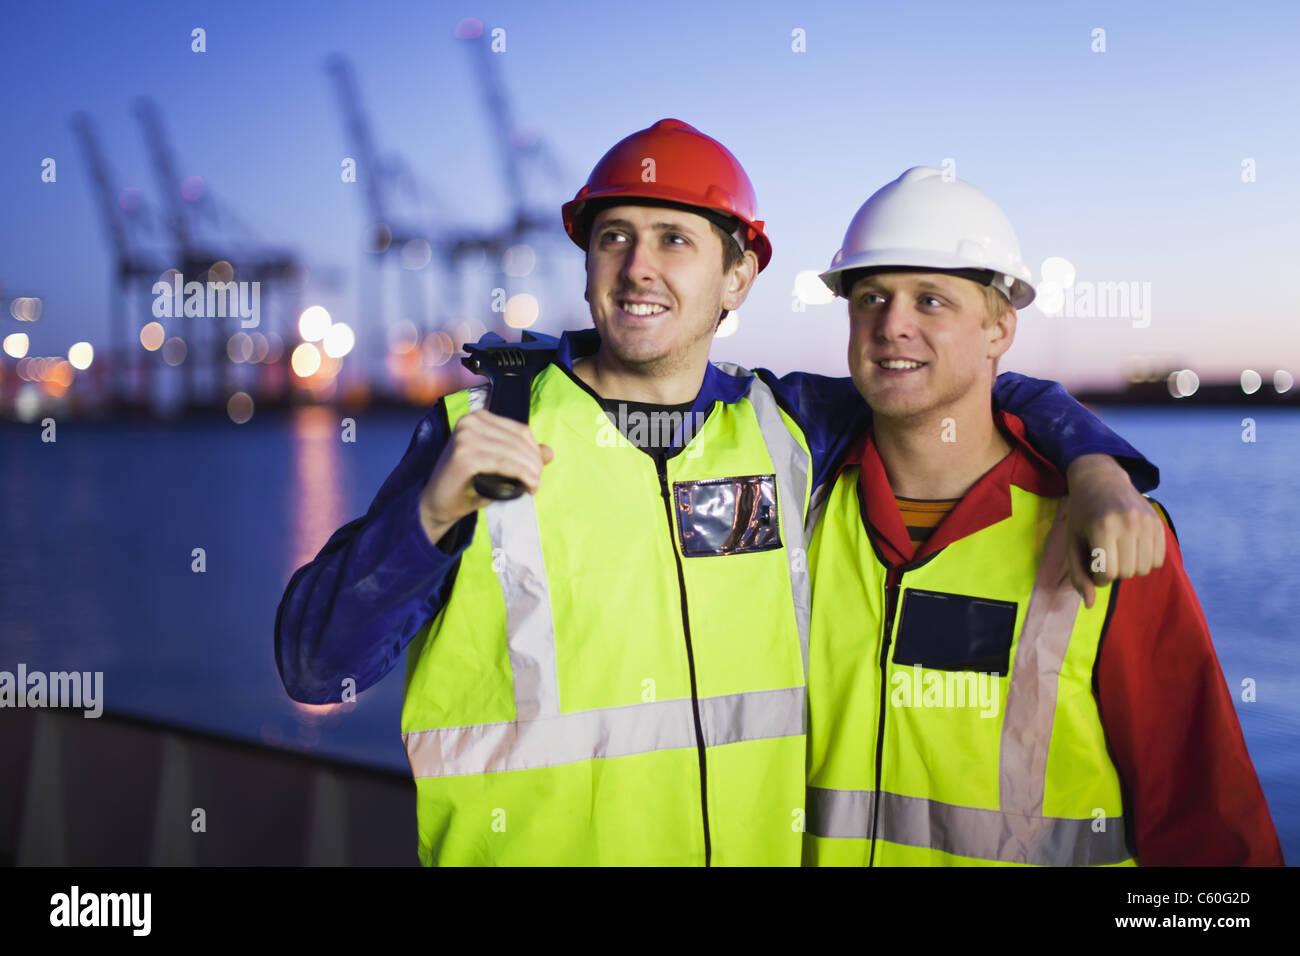 Les Travailleurs unis dans shipyard Photo Stock